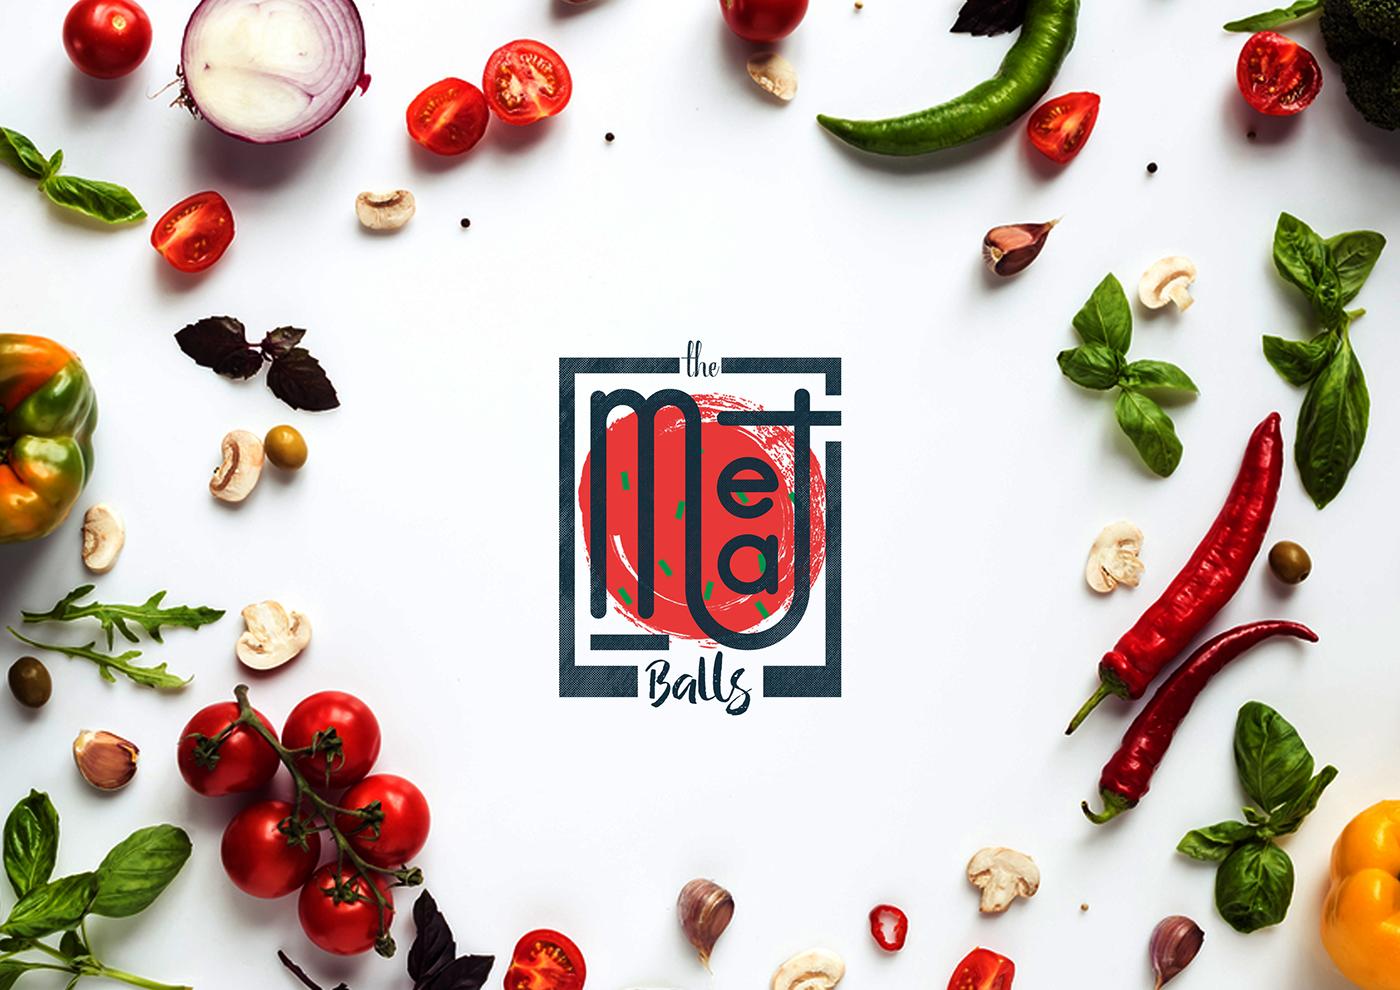 有設計感的46套餐廳logo欣賞